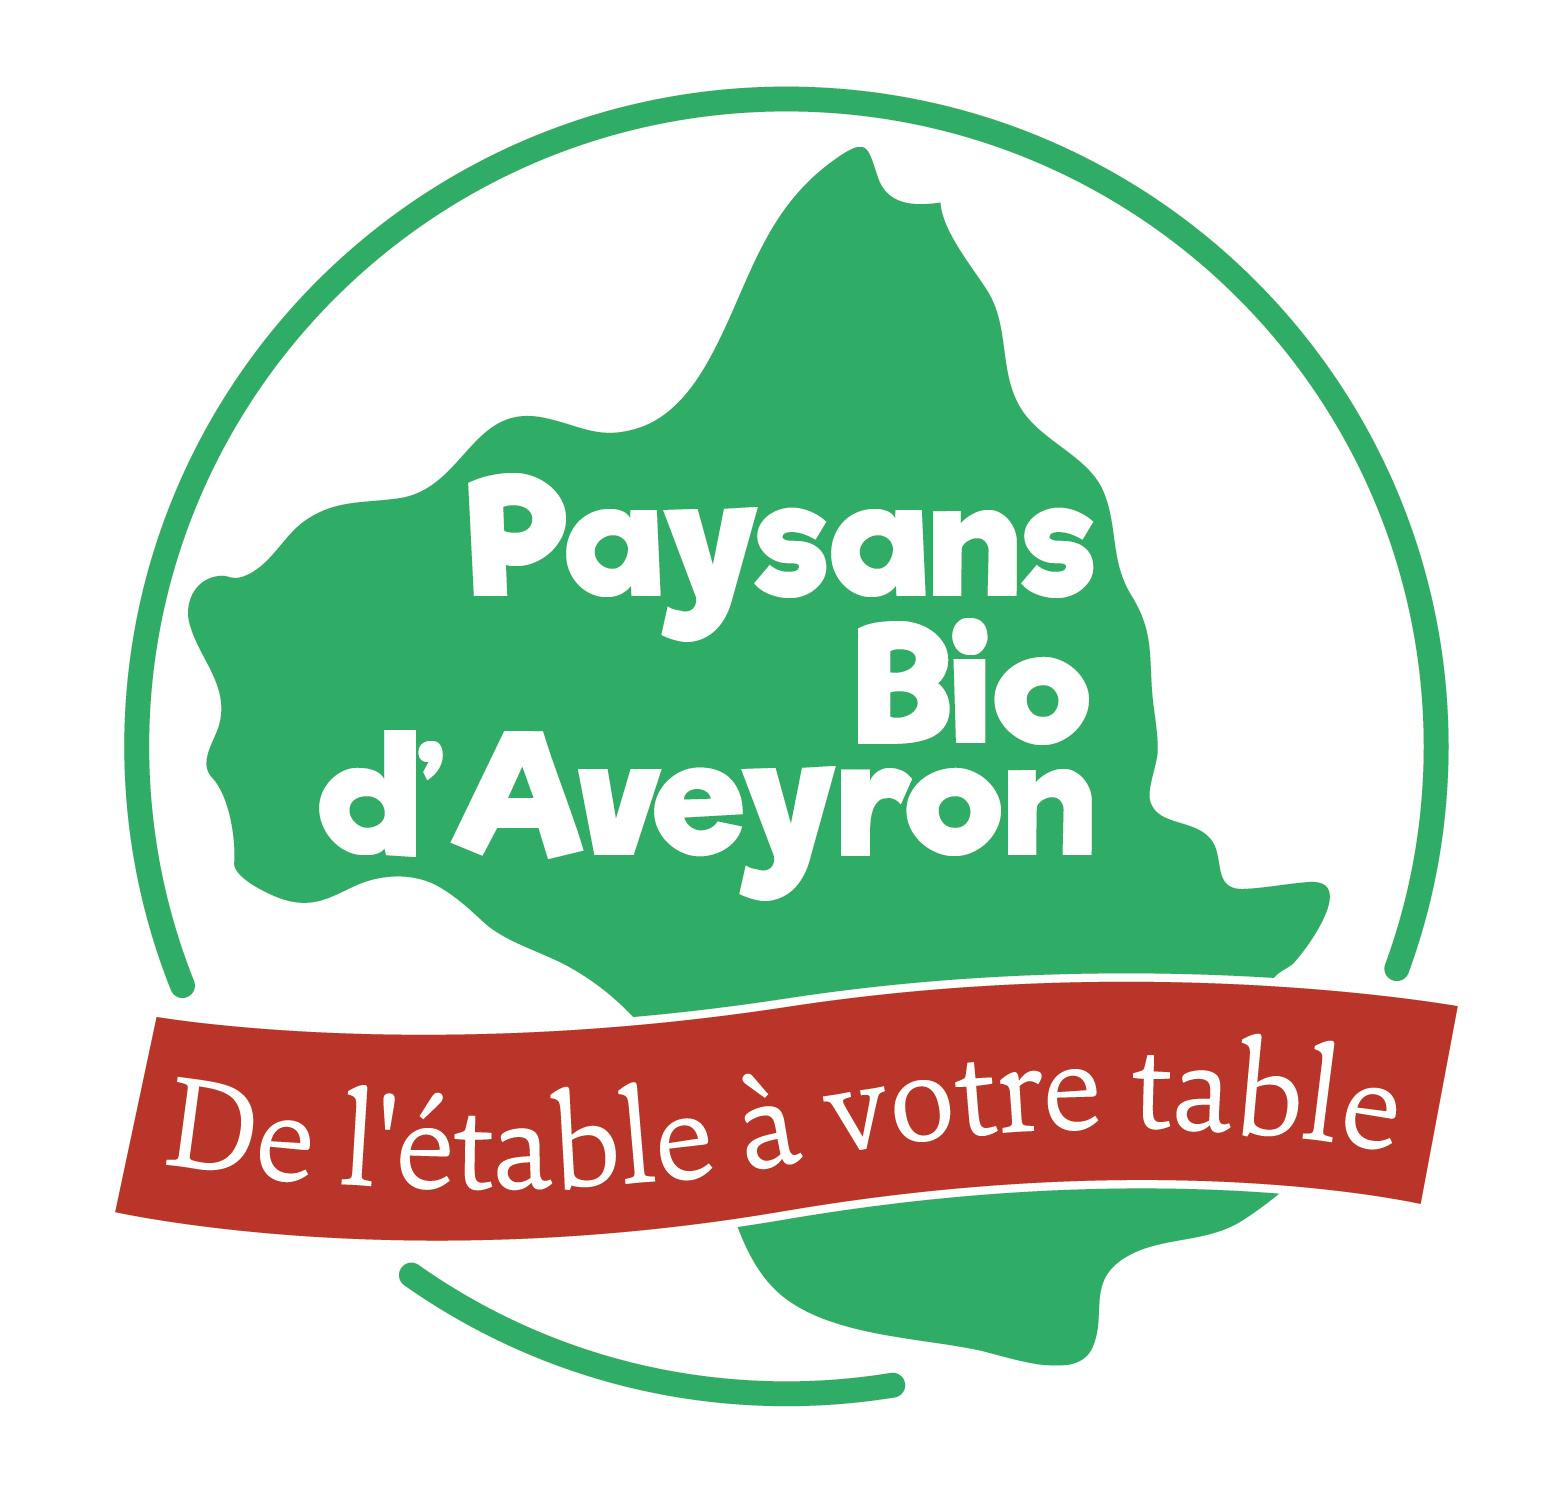 Paysans bio d'Aveyron 4